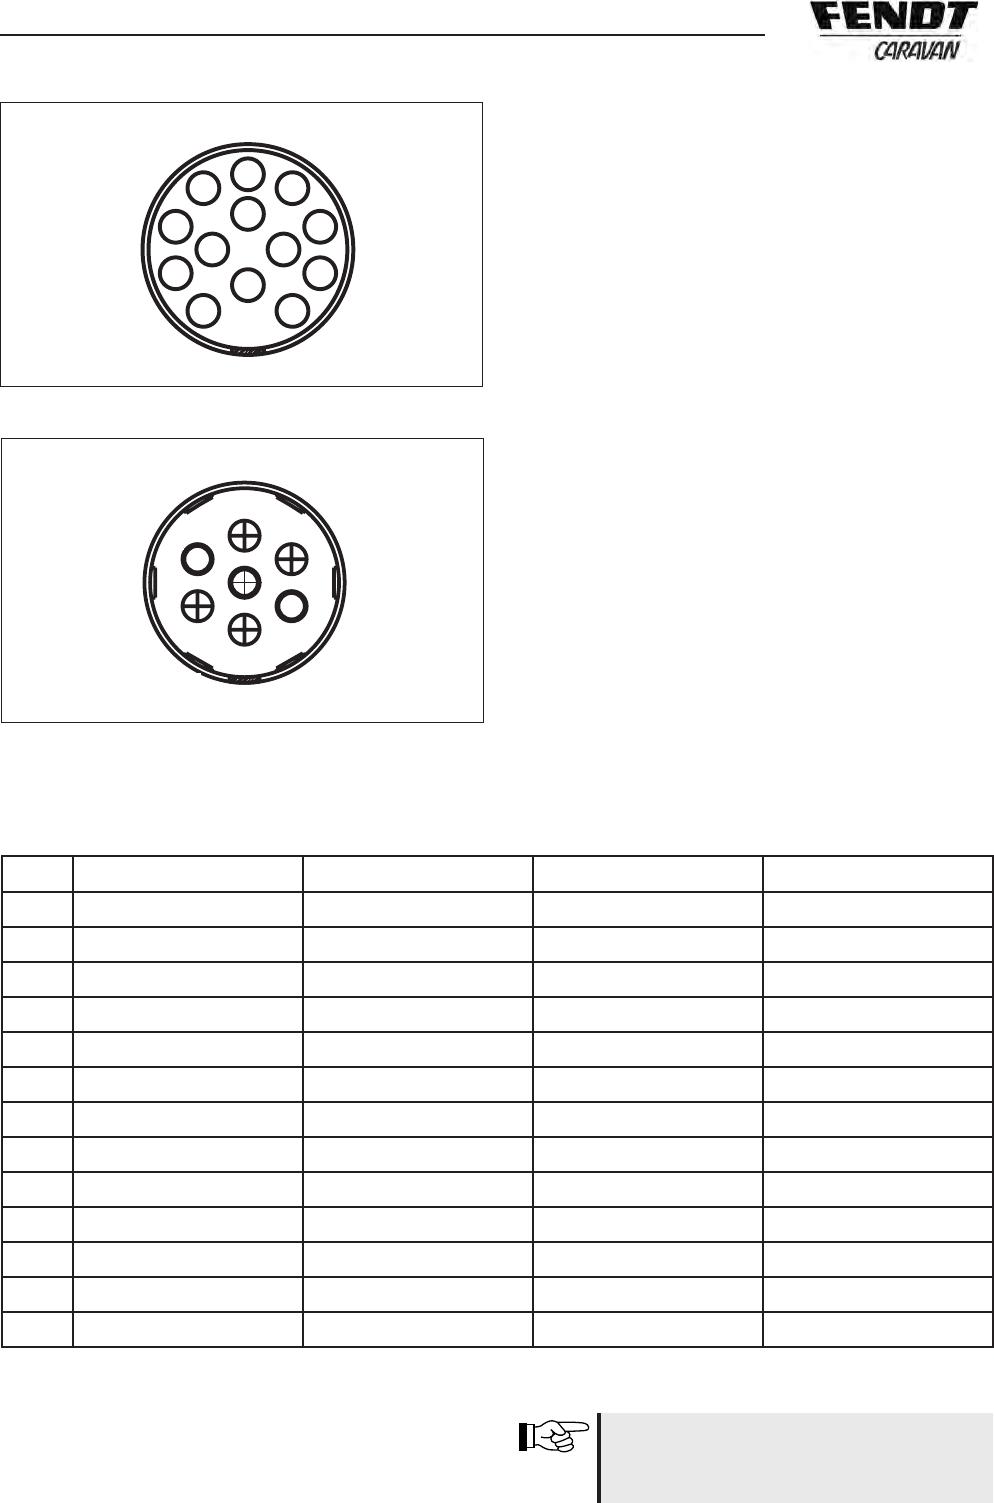 7 Polige Stekker Ombouwen Naar 13 Polig.Handleiding Fendt Bianco Pagina 68 Van 118 Nederlands